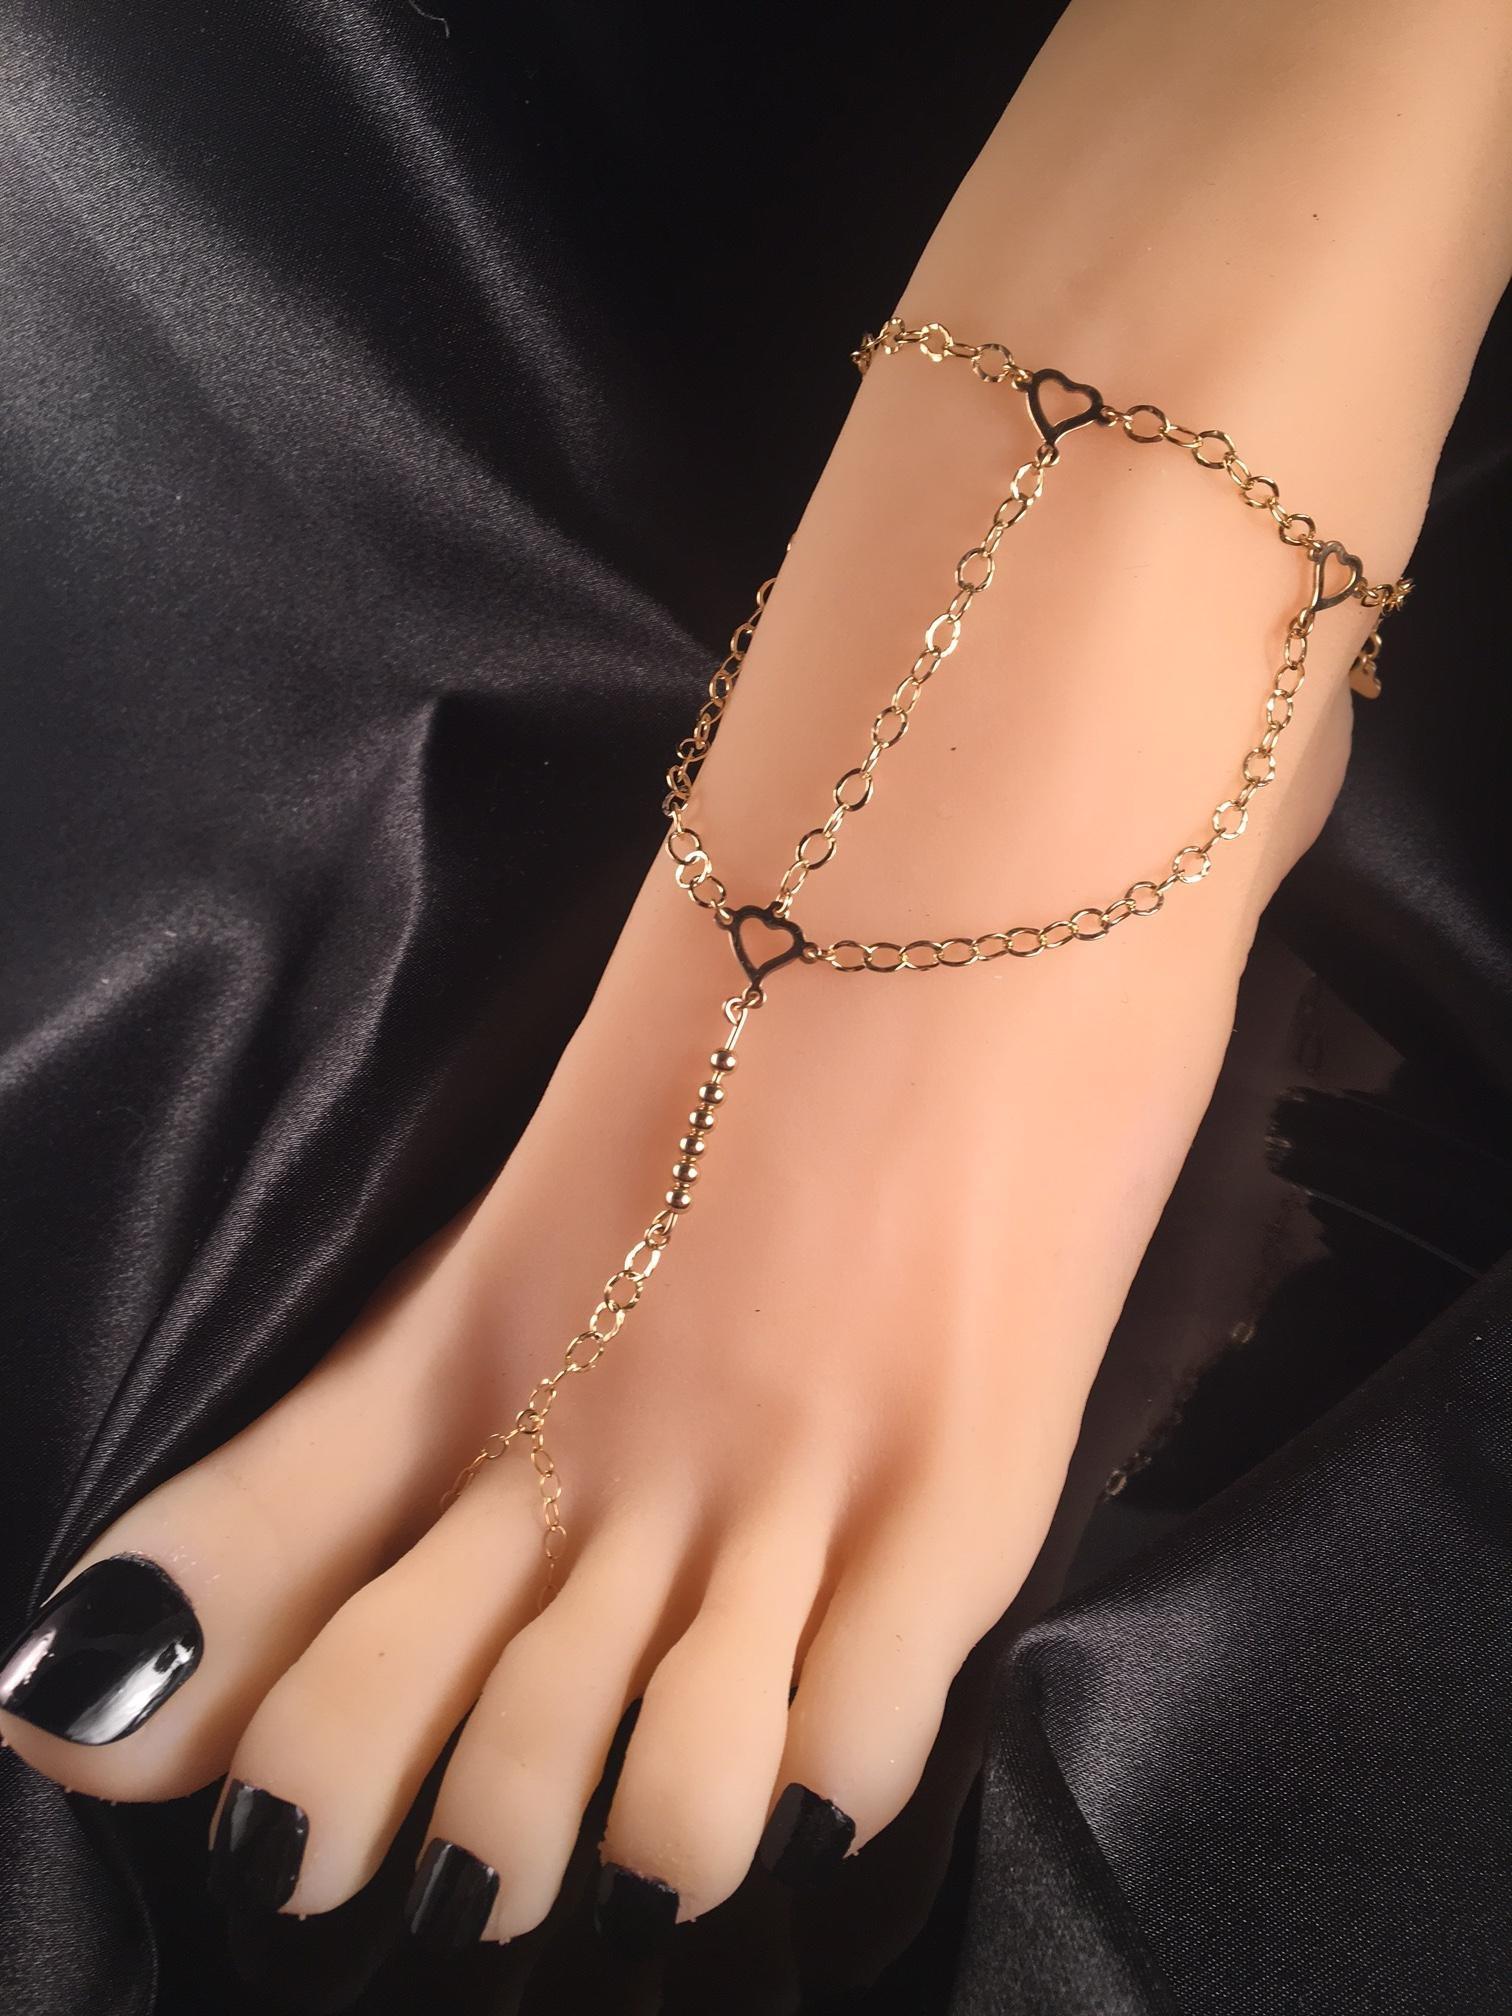 Slave bracelet Anklet Gold chain Harness